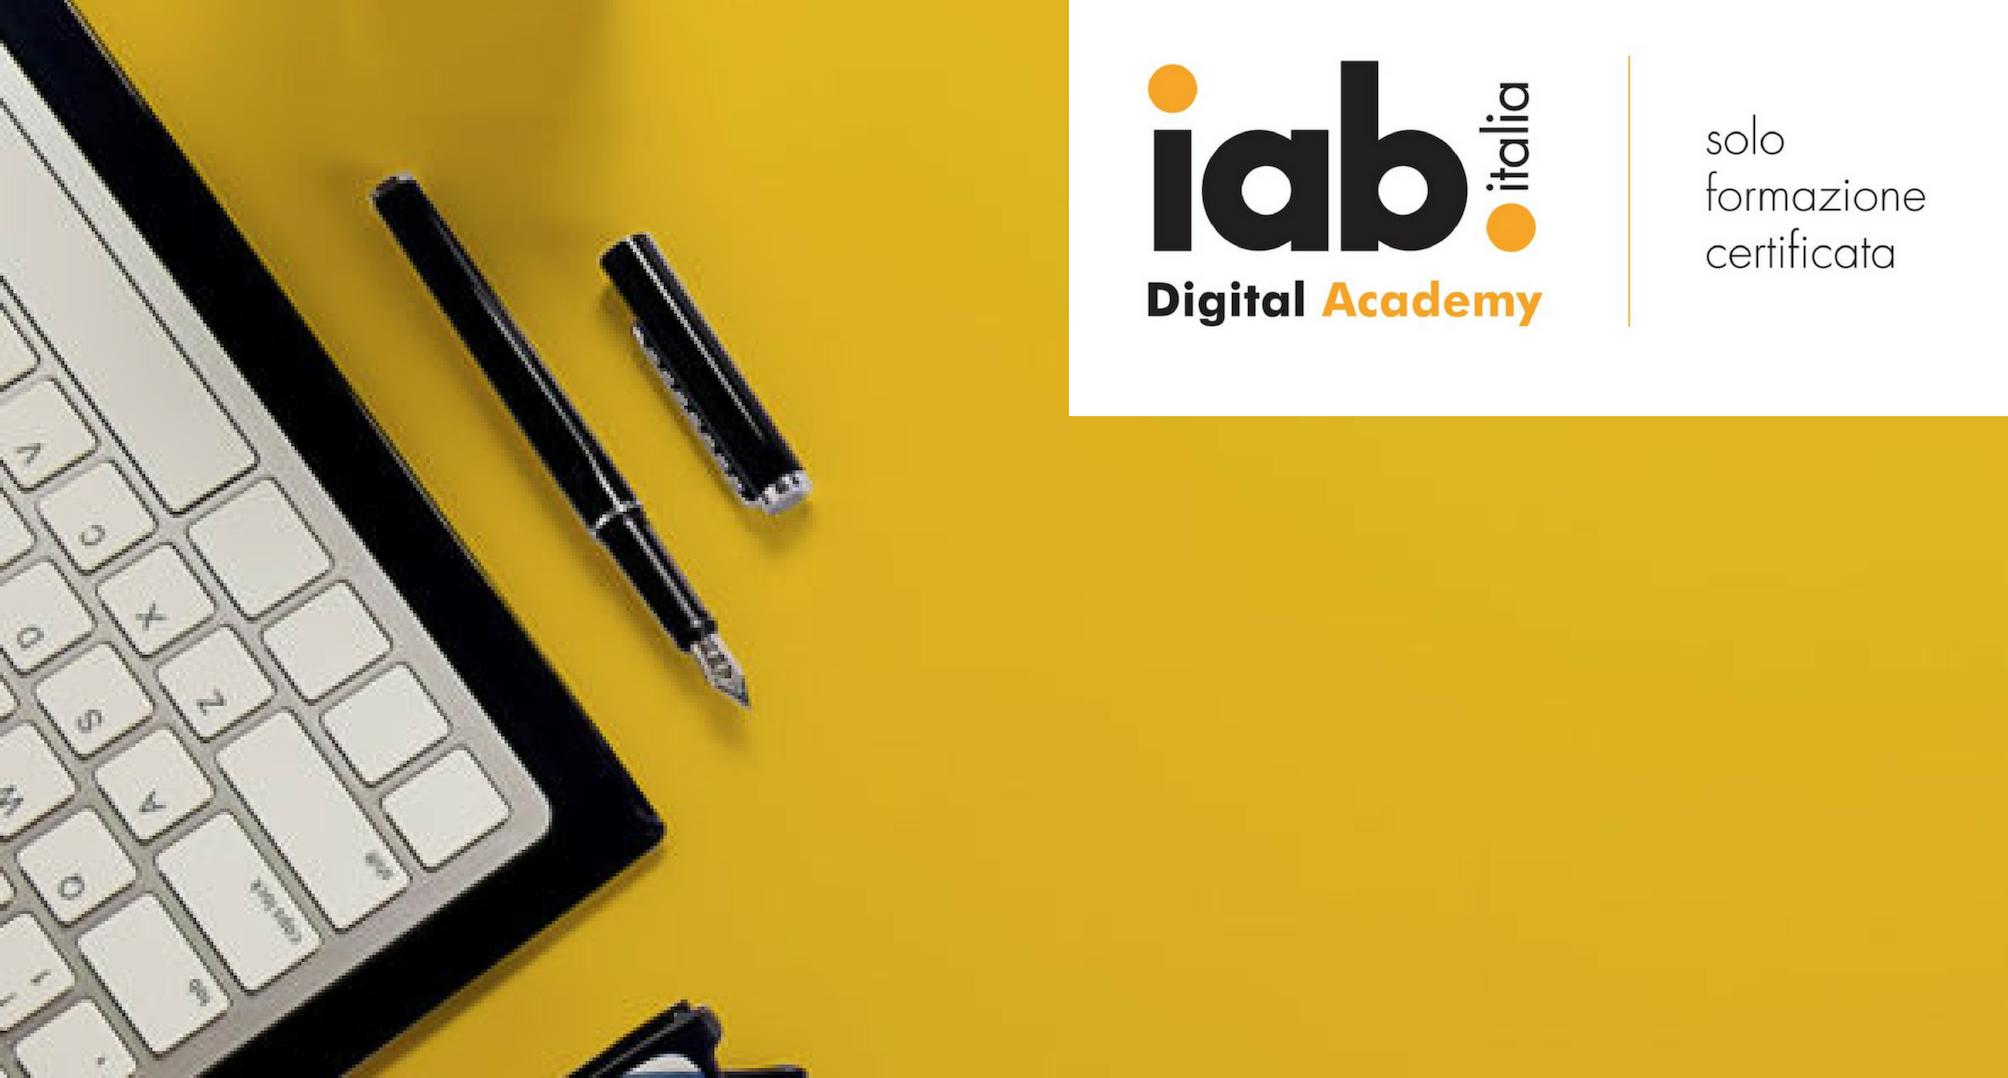 Digital Audio, Podcast, Blockchain e Data Protection: i contenuti formativi del mese su IAB Members Academy